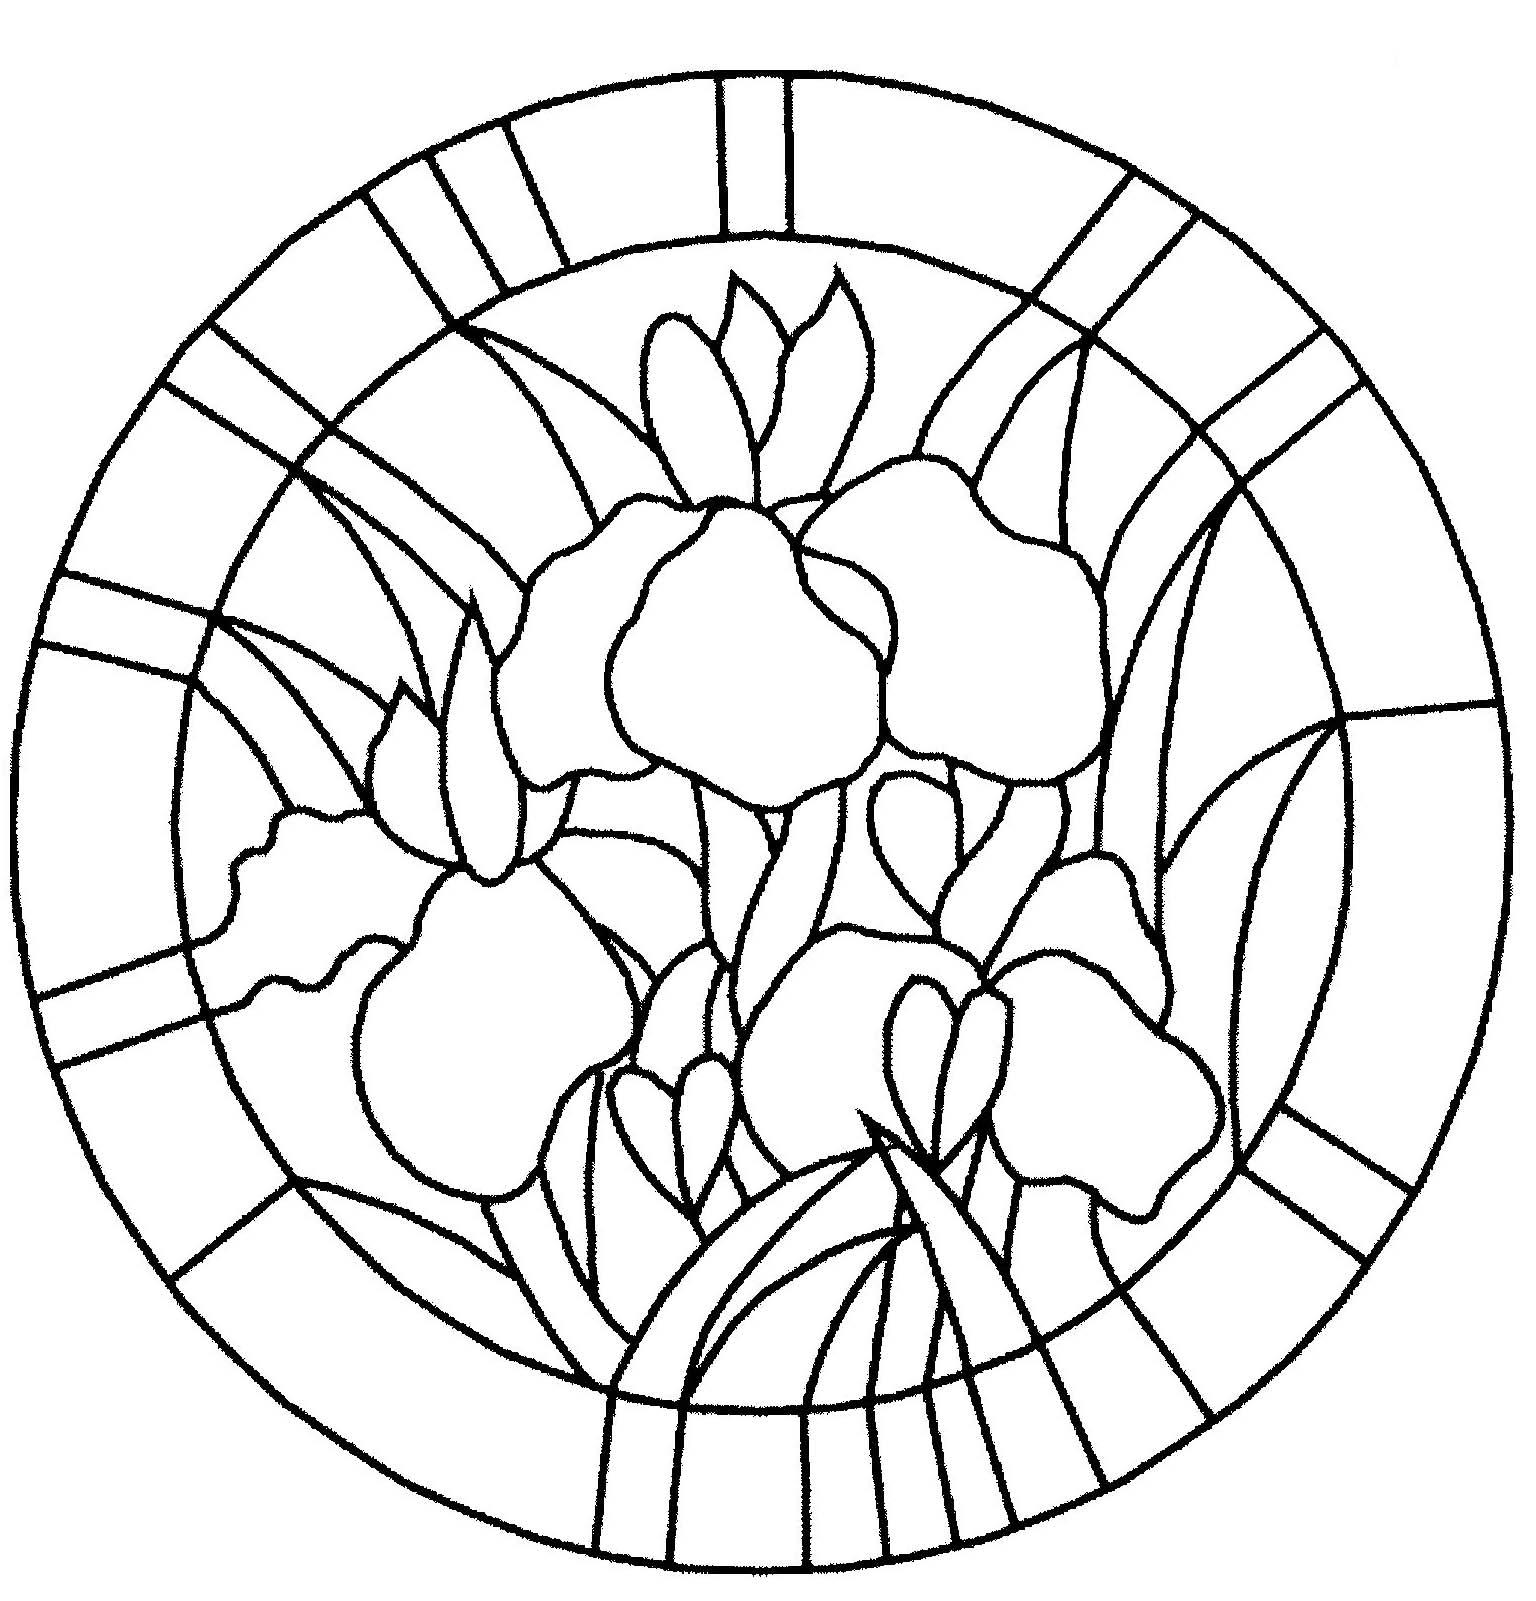 Coloriage bouquet de fleurs